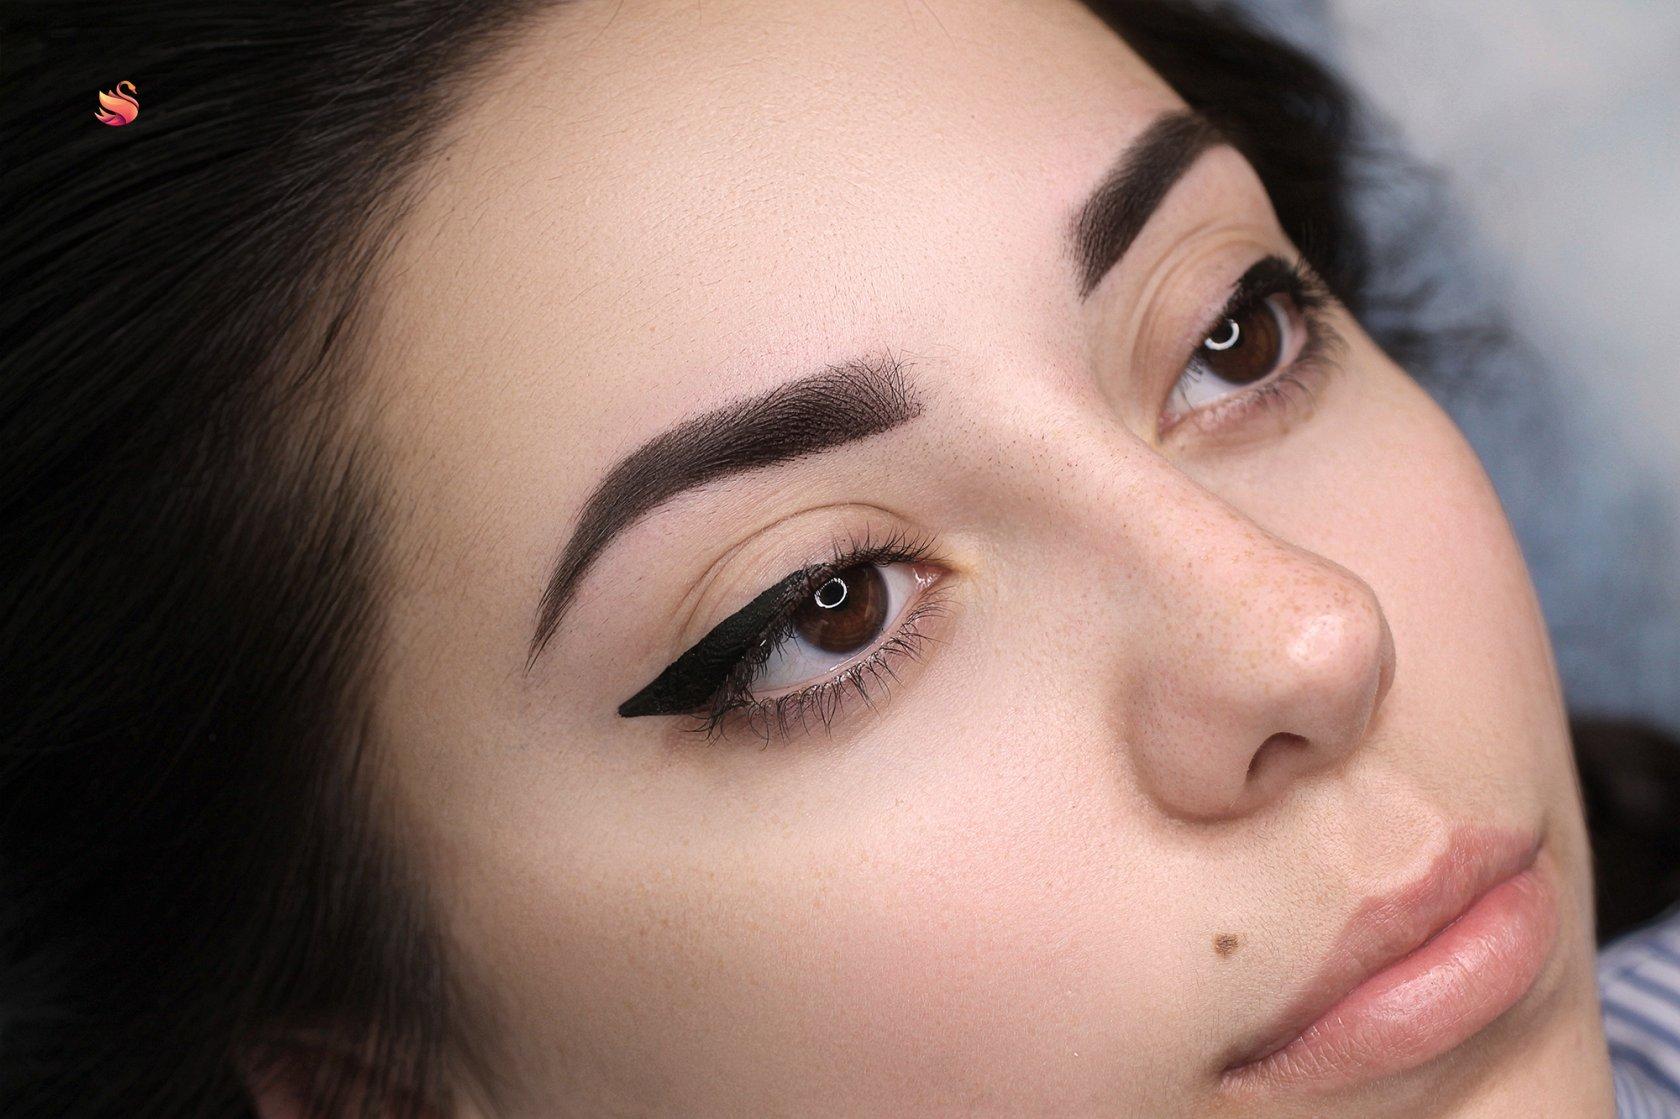 Картинки с перманентным макияжем бровей